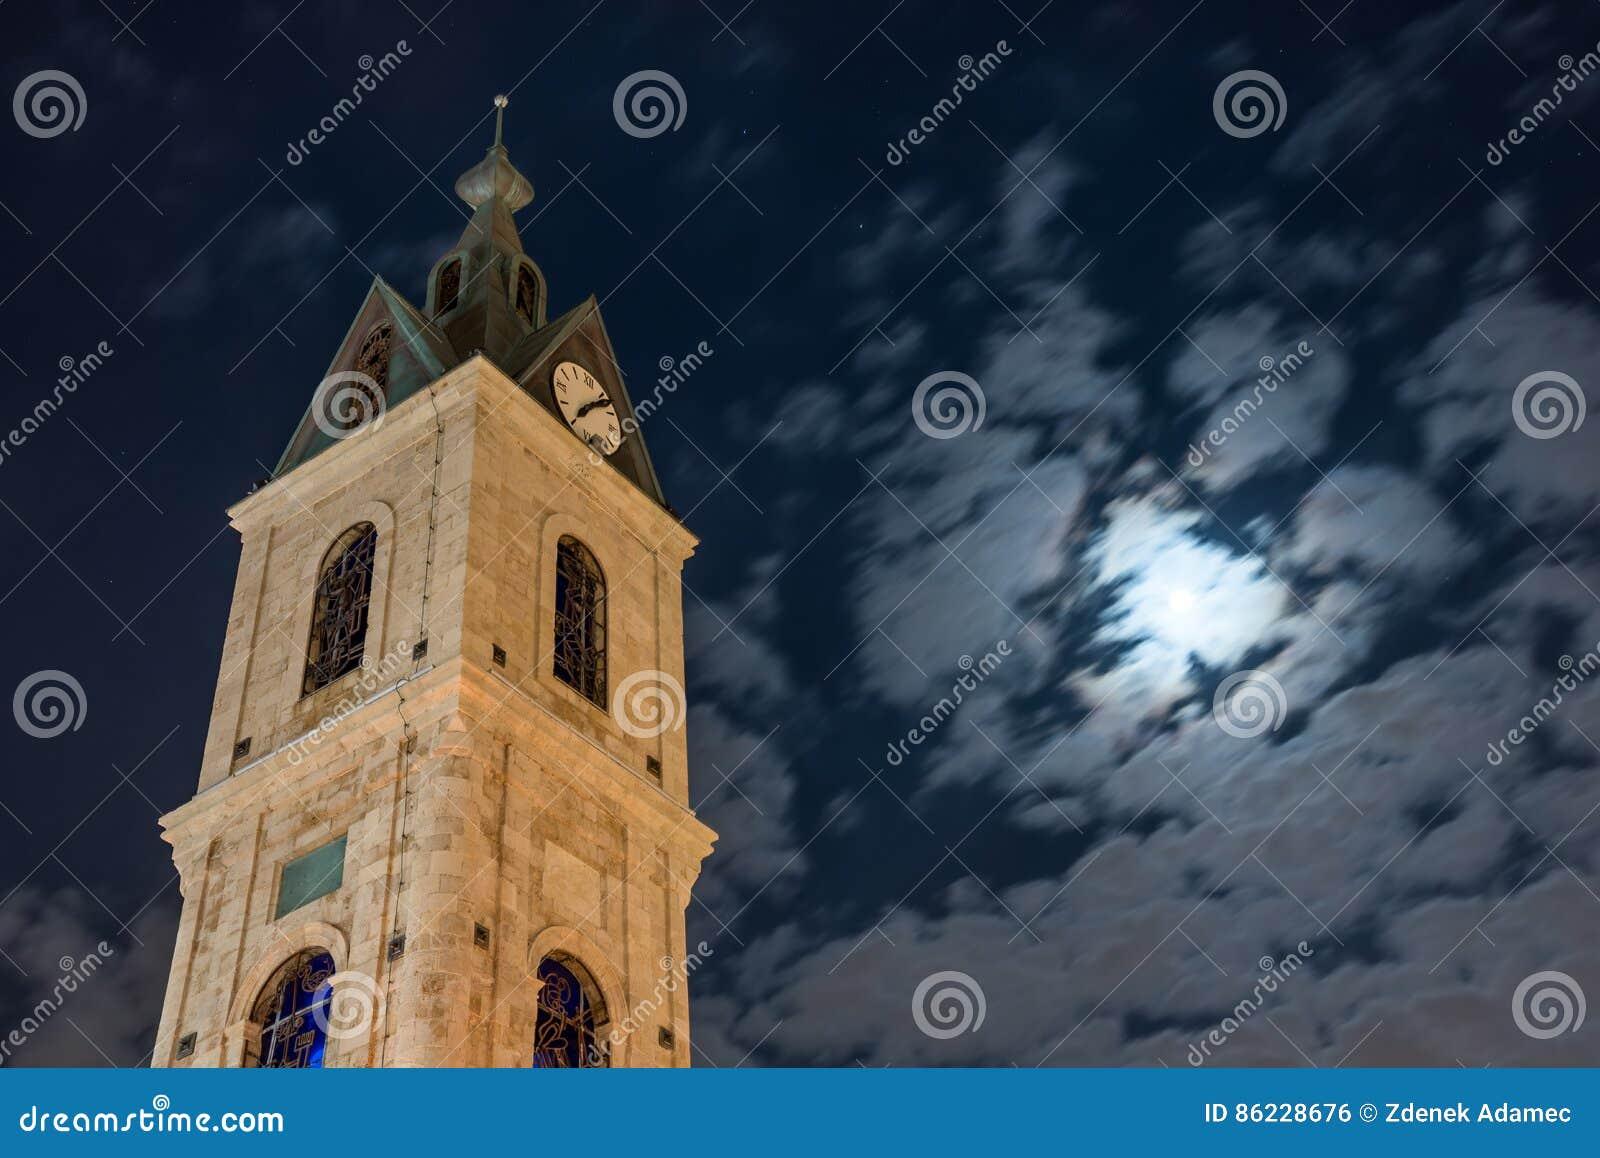 Tour d horloge de Jaffa sous le clair de lune